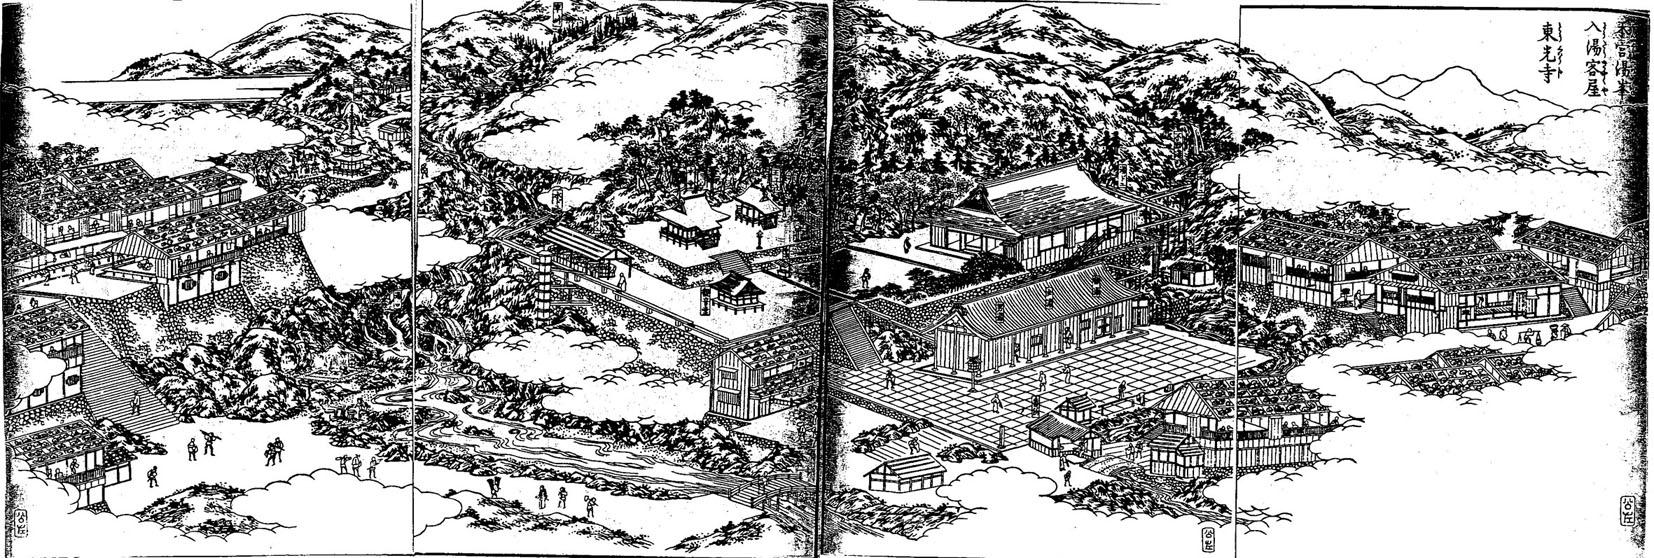 築城400年祭《談話室》 それぞれの彦根物語 2006.8.16_f0017409_18494598.jpg